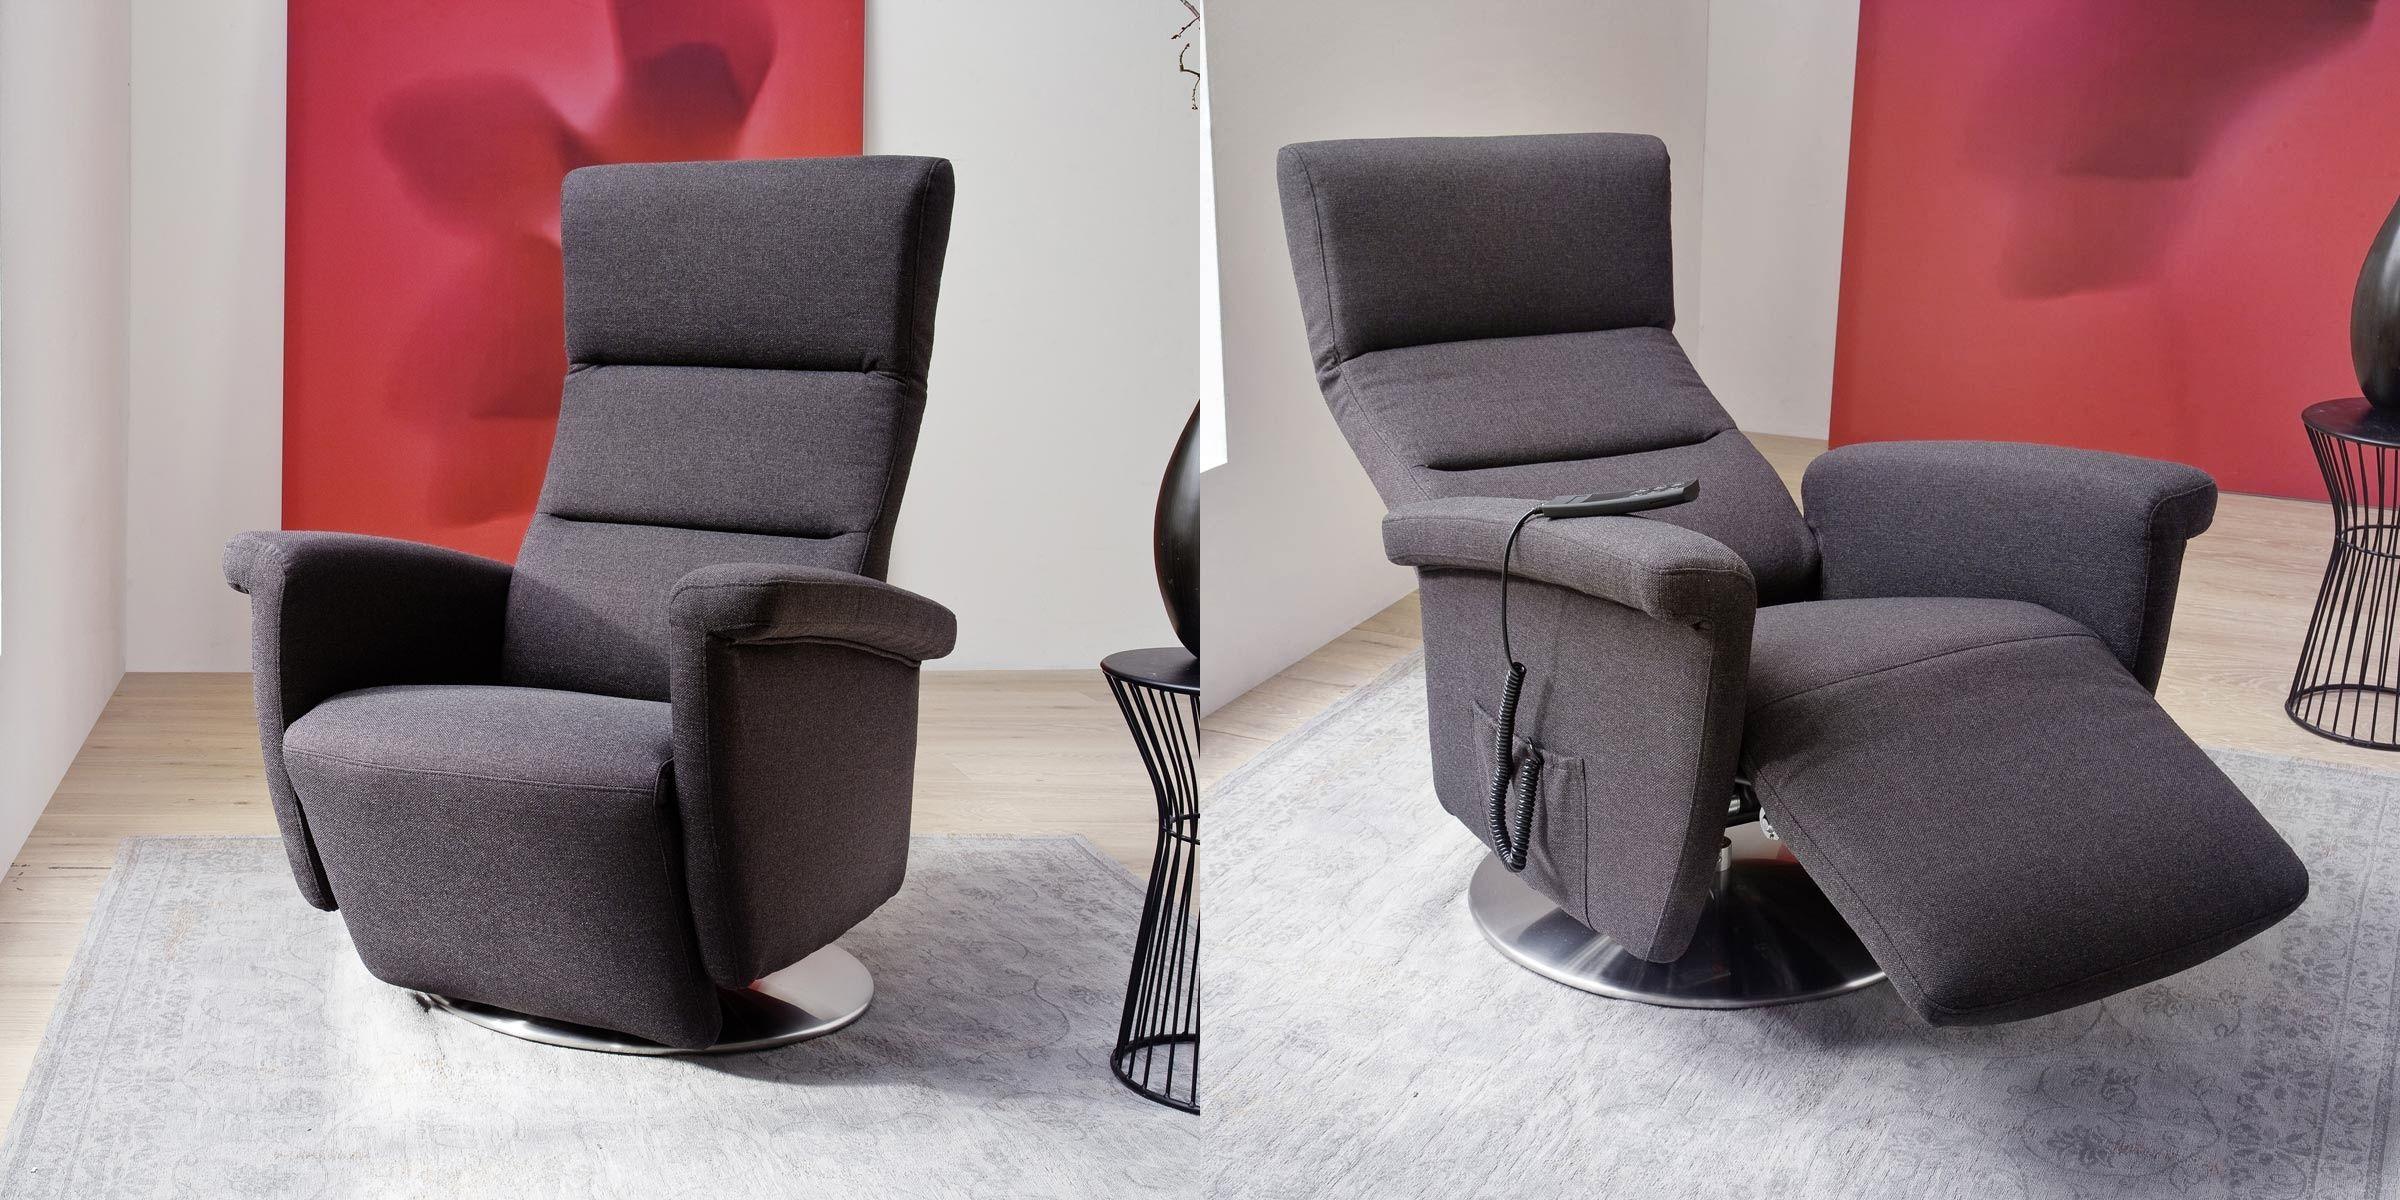 Elektrisch In Die Entspannte Position Mit Dem Relaxsessel Gribskov Wohnzimmer Sessel